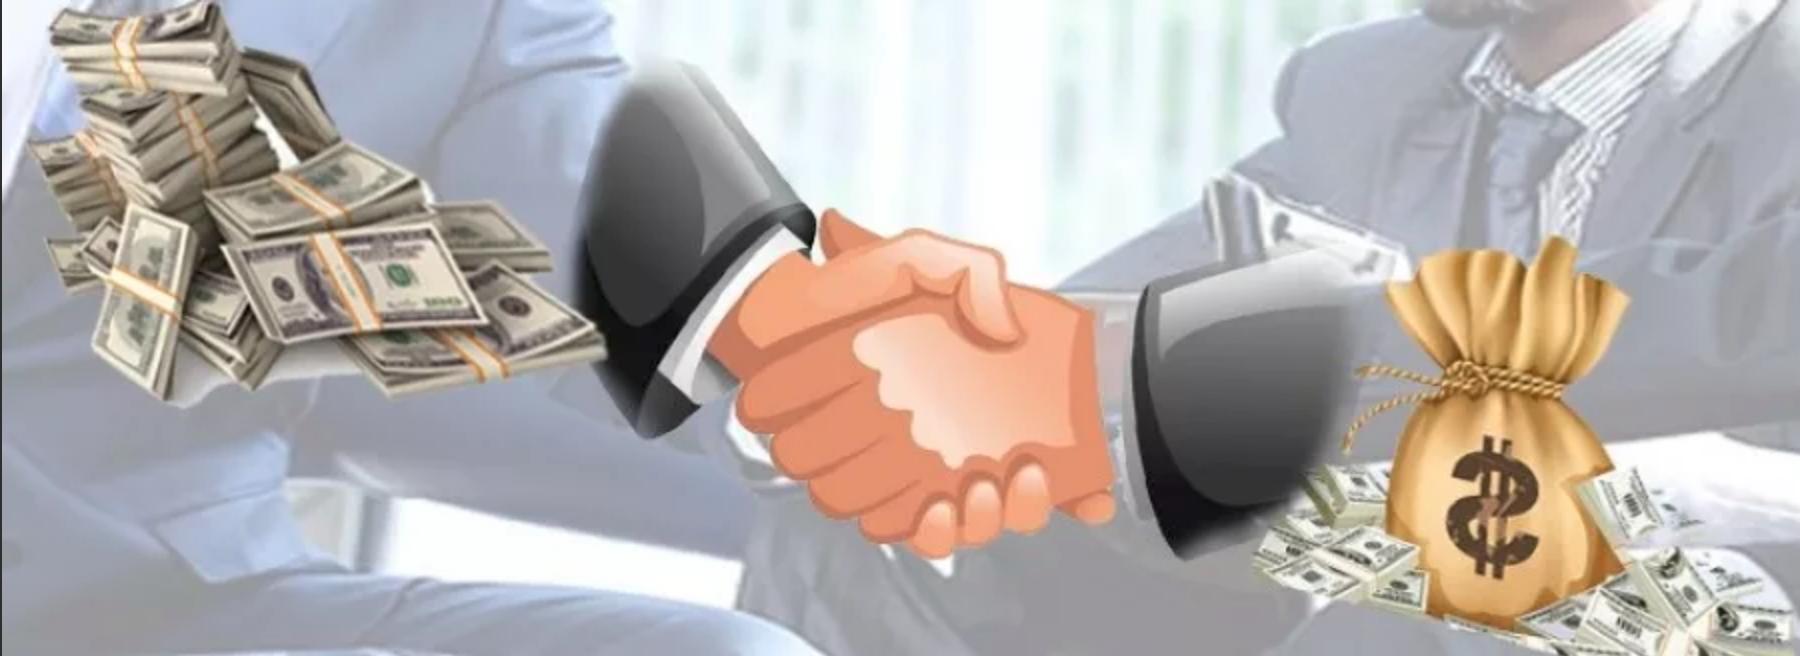 бизнес на партнерских программах